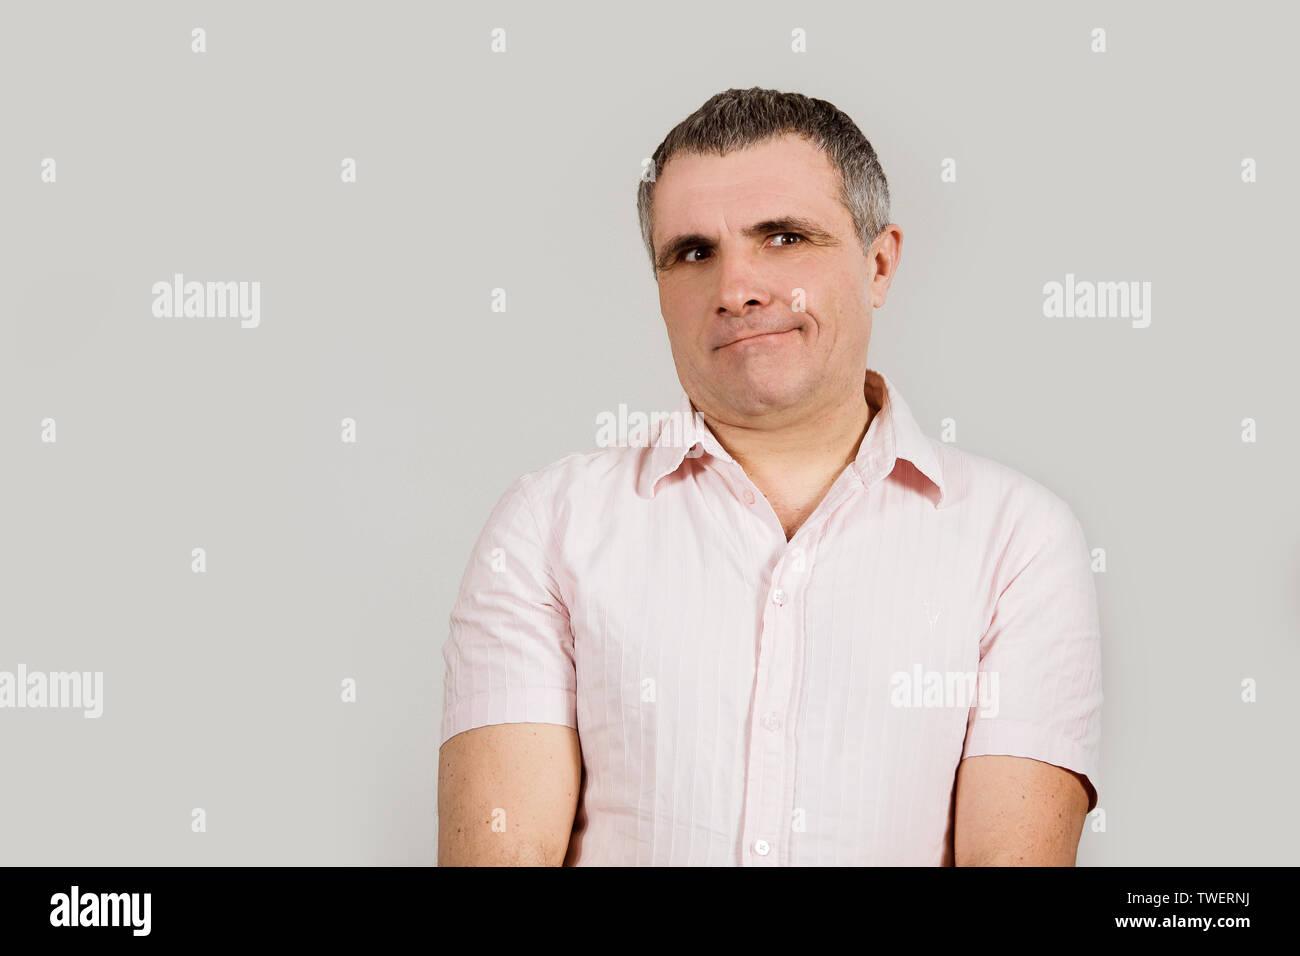 Ein Mann in einem hellen Hemd auf einem weißen Hintergrund. Ein Gefühl der Trauer, nicht verstehen und lassen Sie sich überraschen. Stockbild